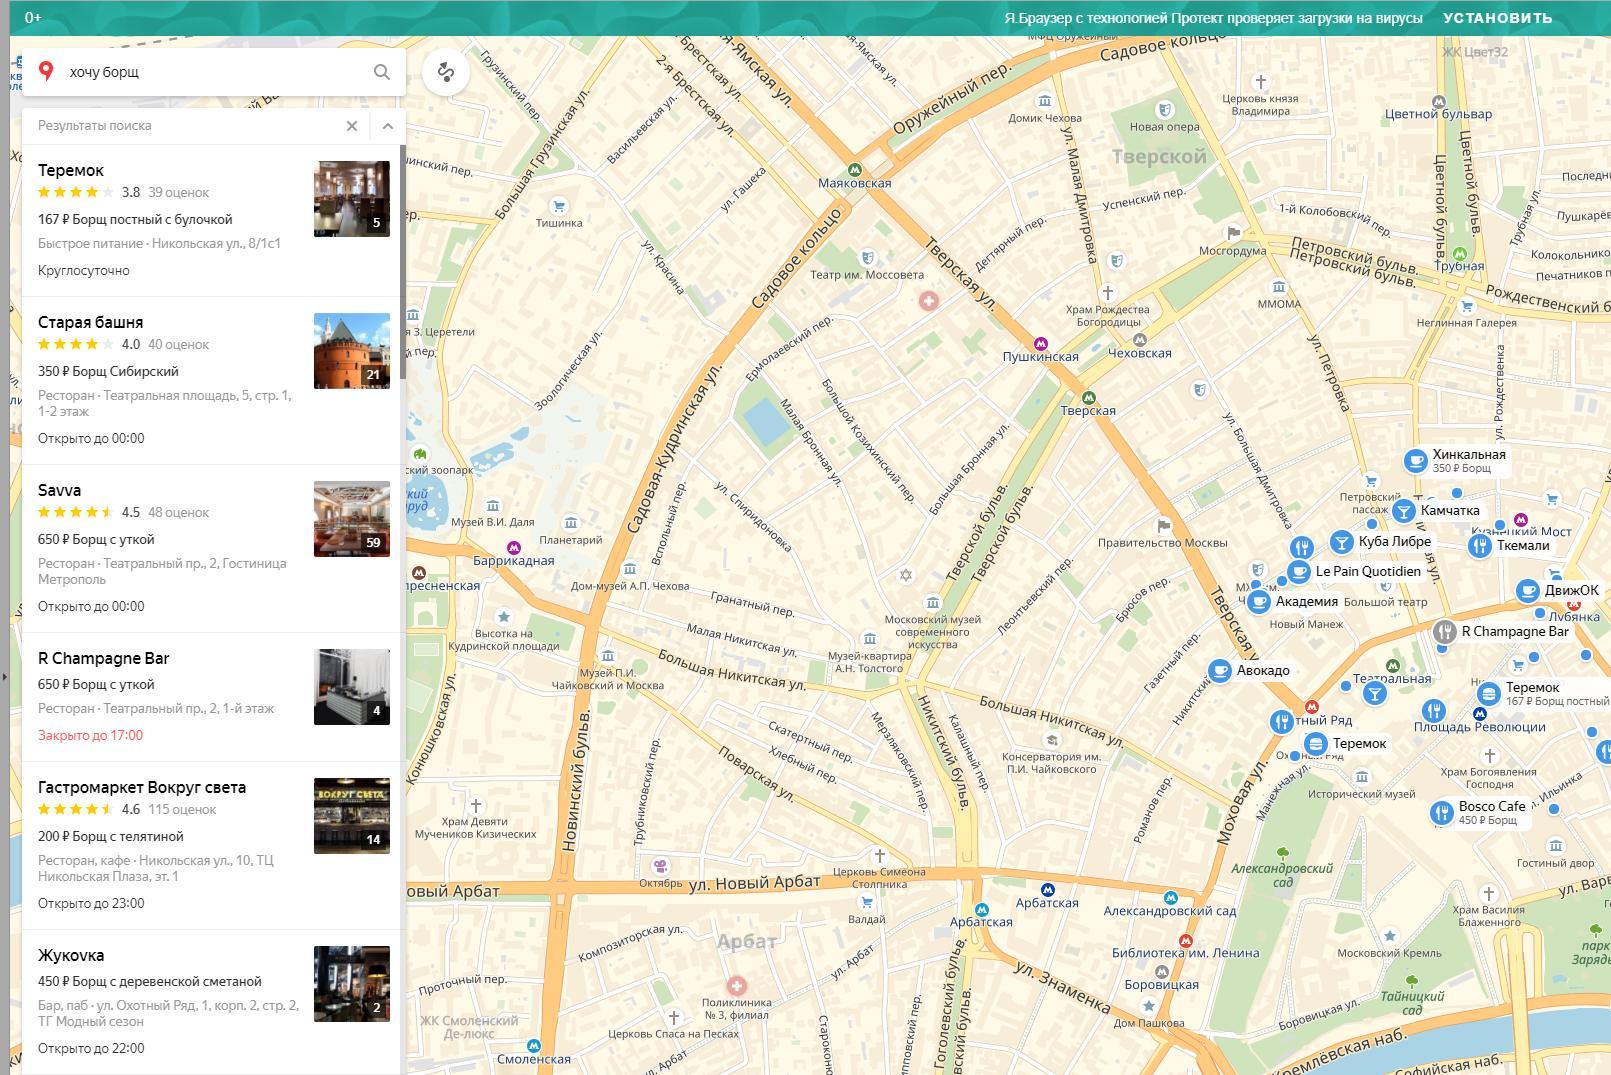 Яндекс.Карты теперь ищут нетолько адреса, ноиназвания блюд кухни